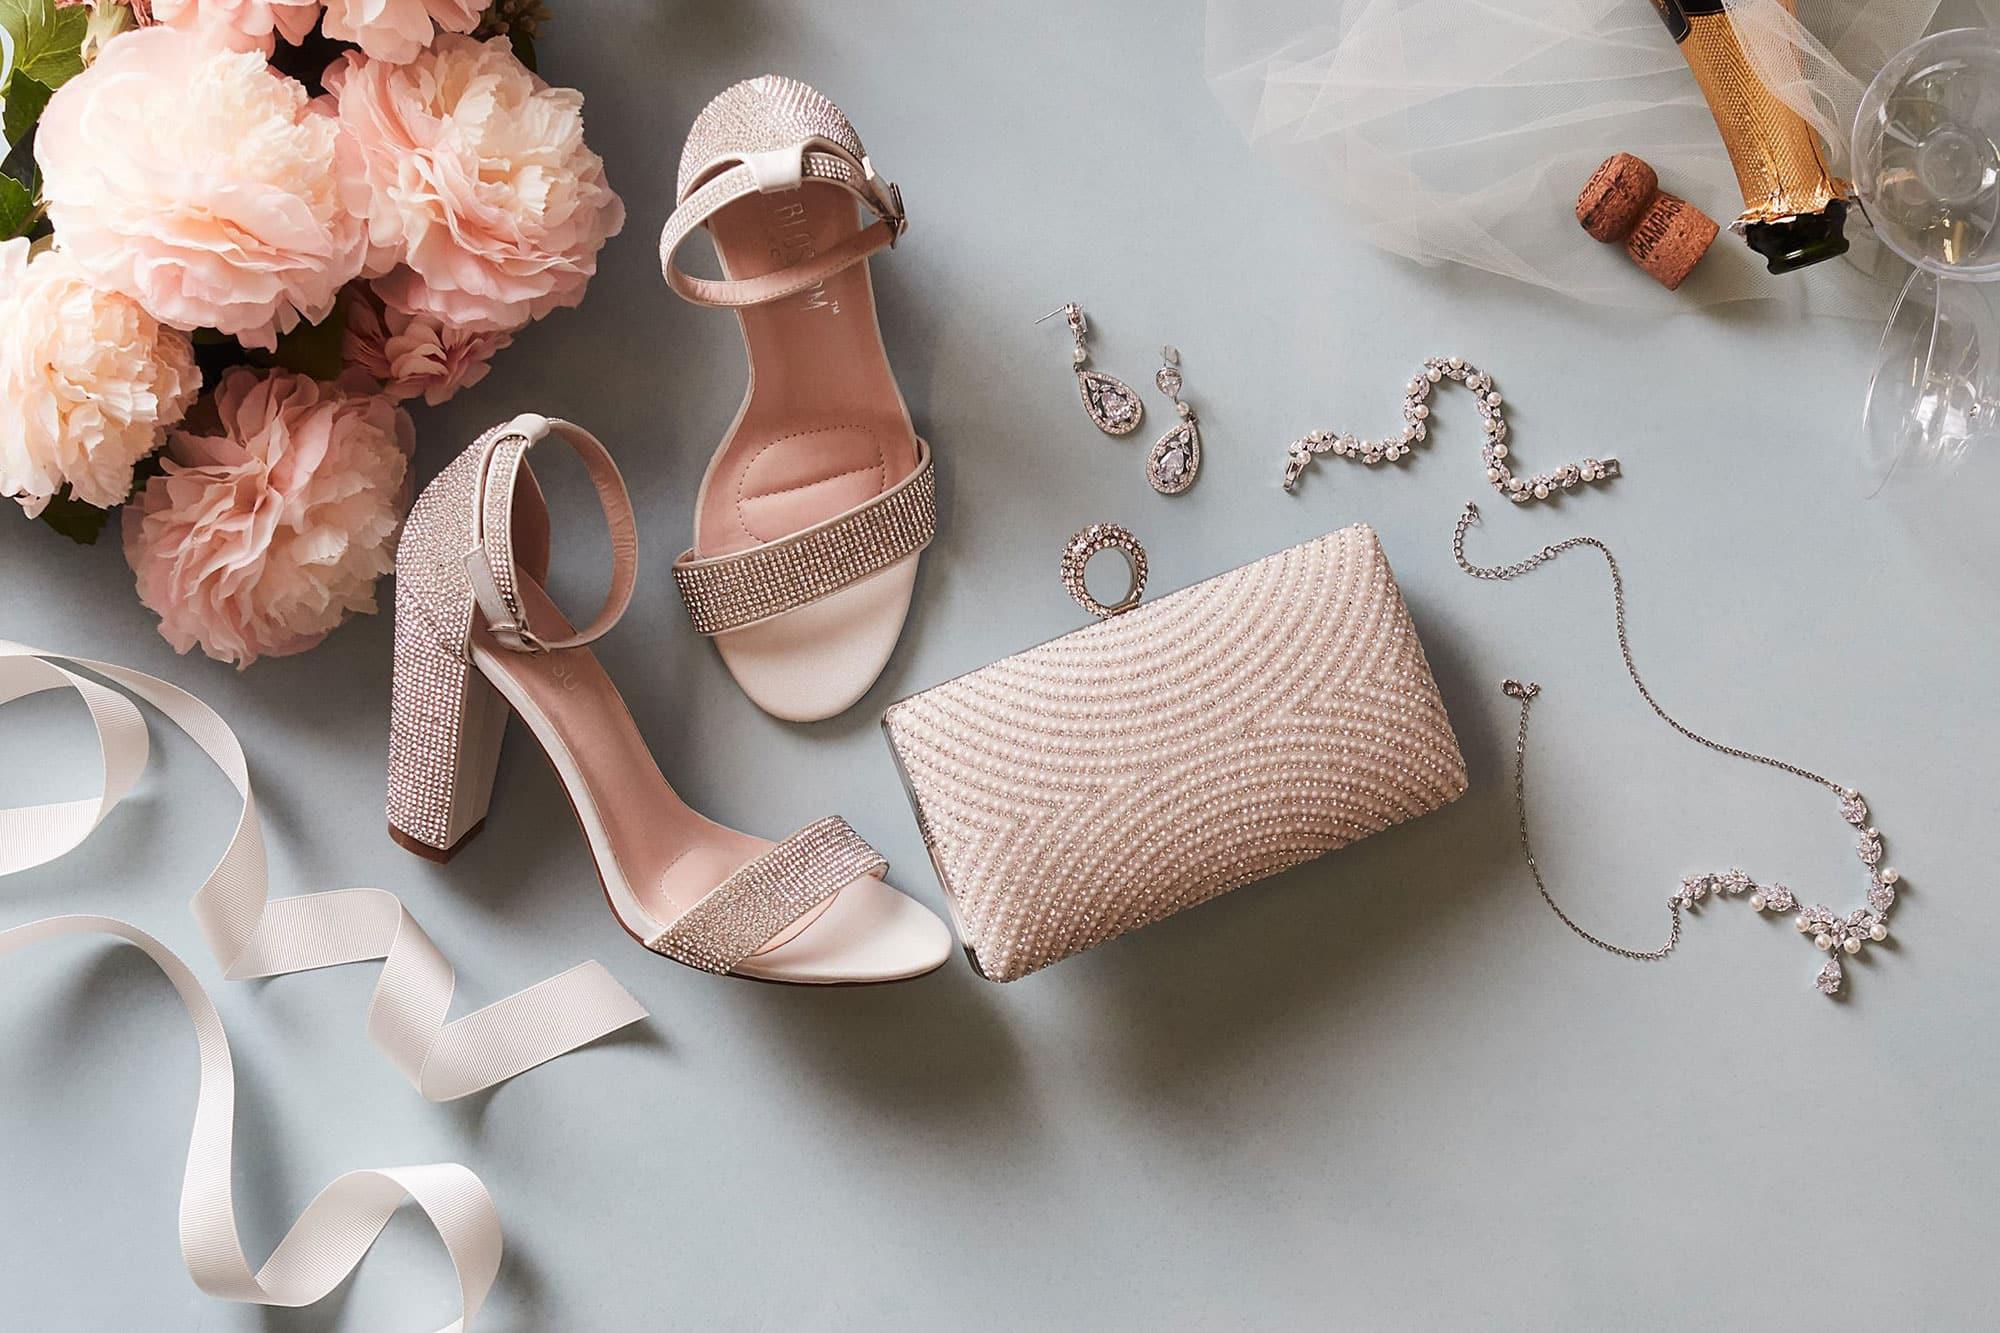 Gelin Ayakkabısı Renk Seçimi Çiçek Çanta Kombini